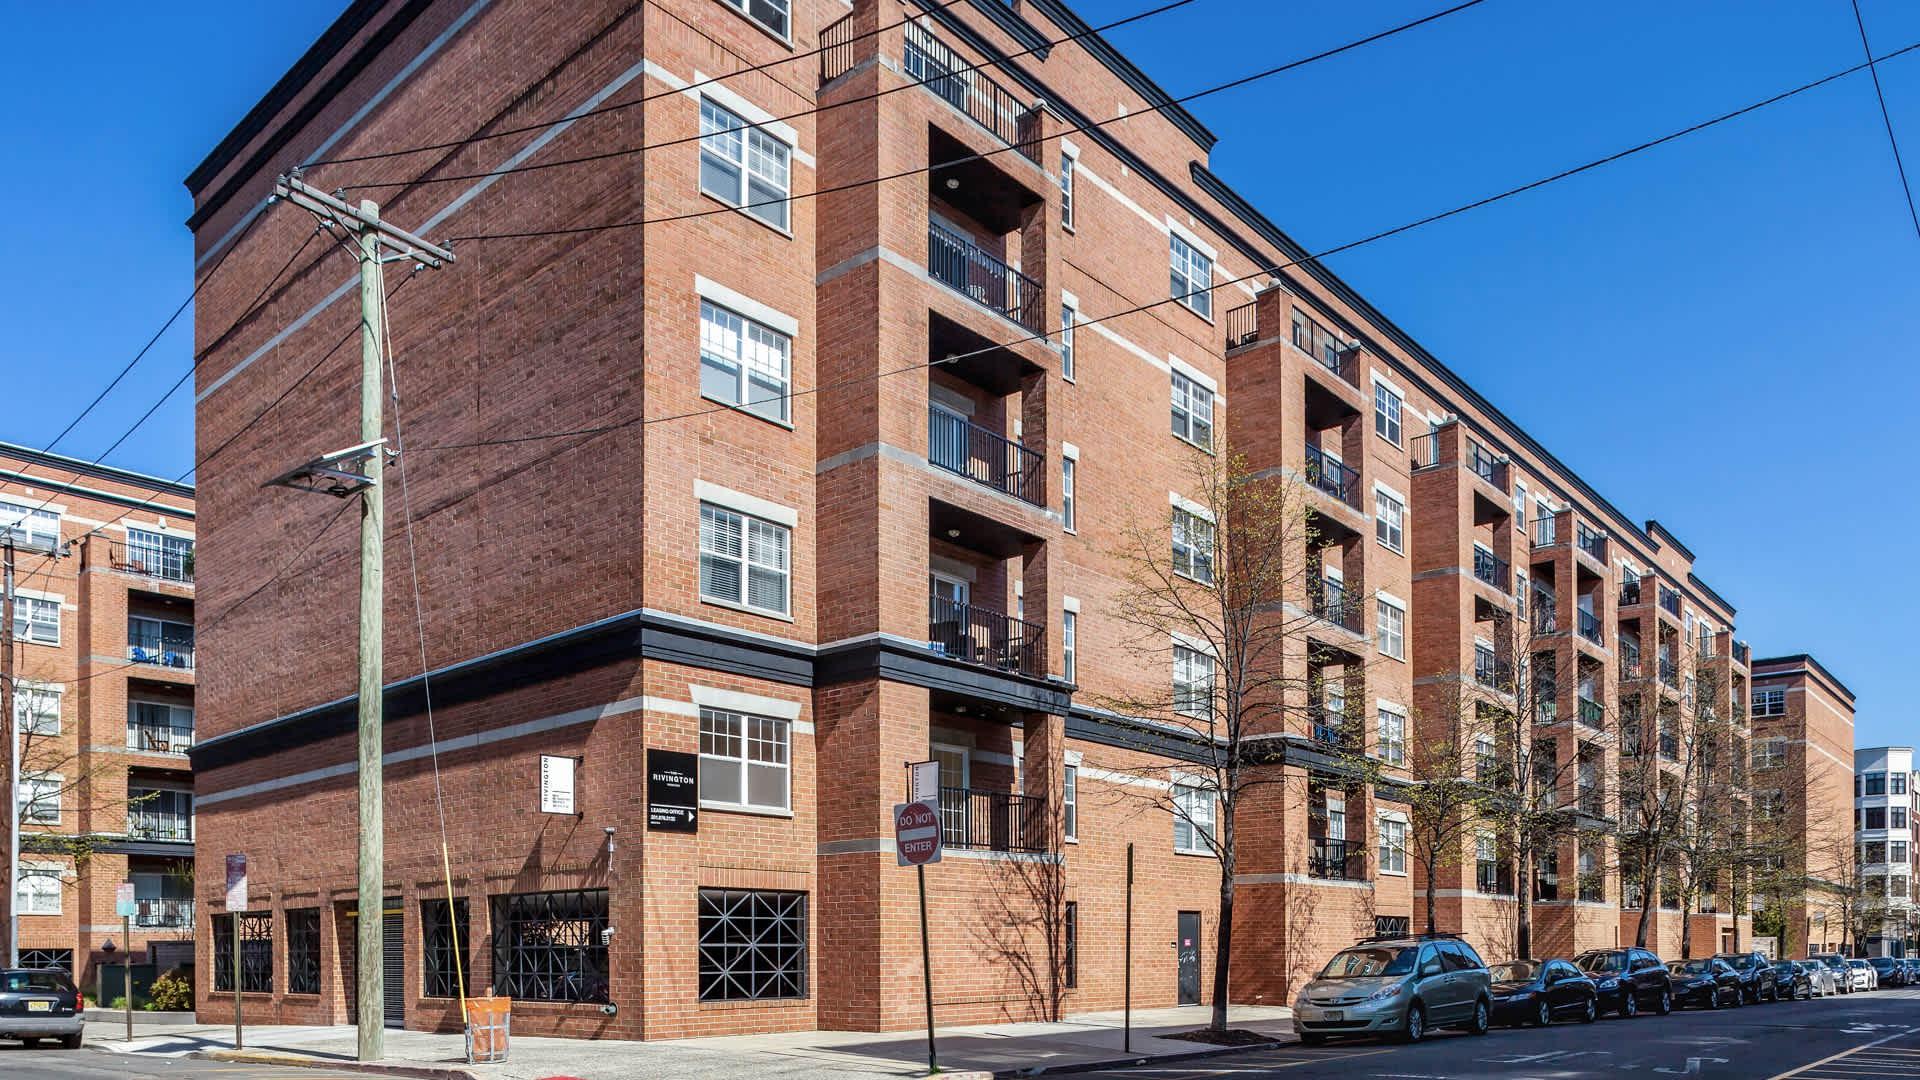 Apartments Near Stevens The Rivington for Stevens Institute of Technology Students in Hoboken, NJ